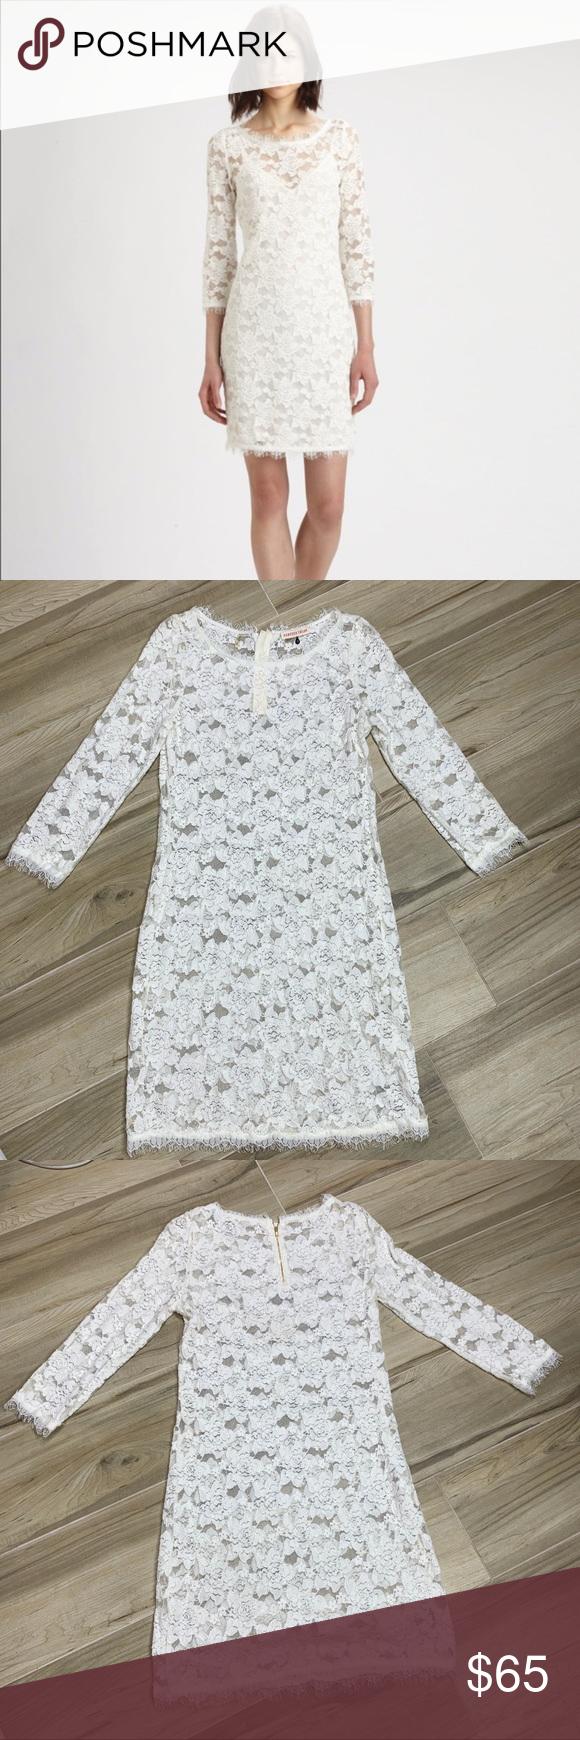 Rebecca Taylor White Lace Shift Dress Size 6 White Lace Shift Dress Lace Shift Dress Shift Dress [ 1740 x 580 Pixel ]